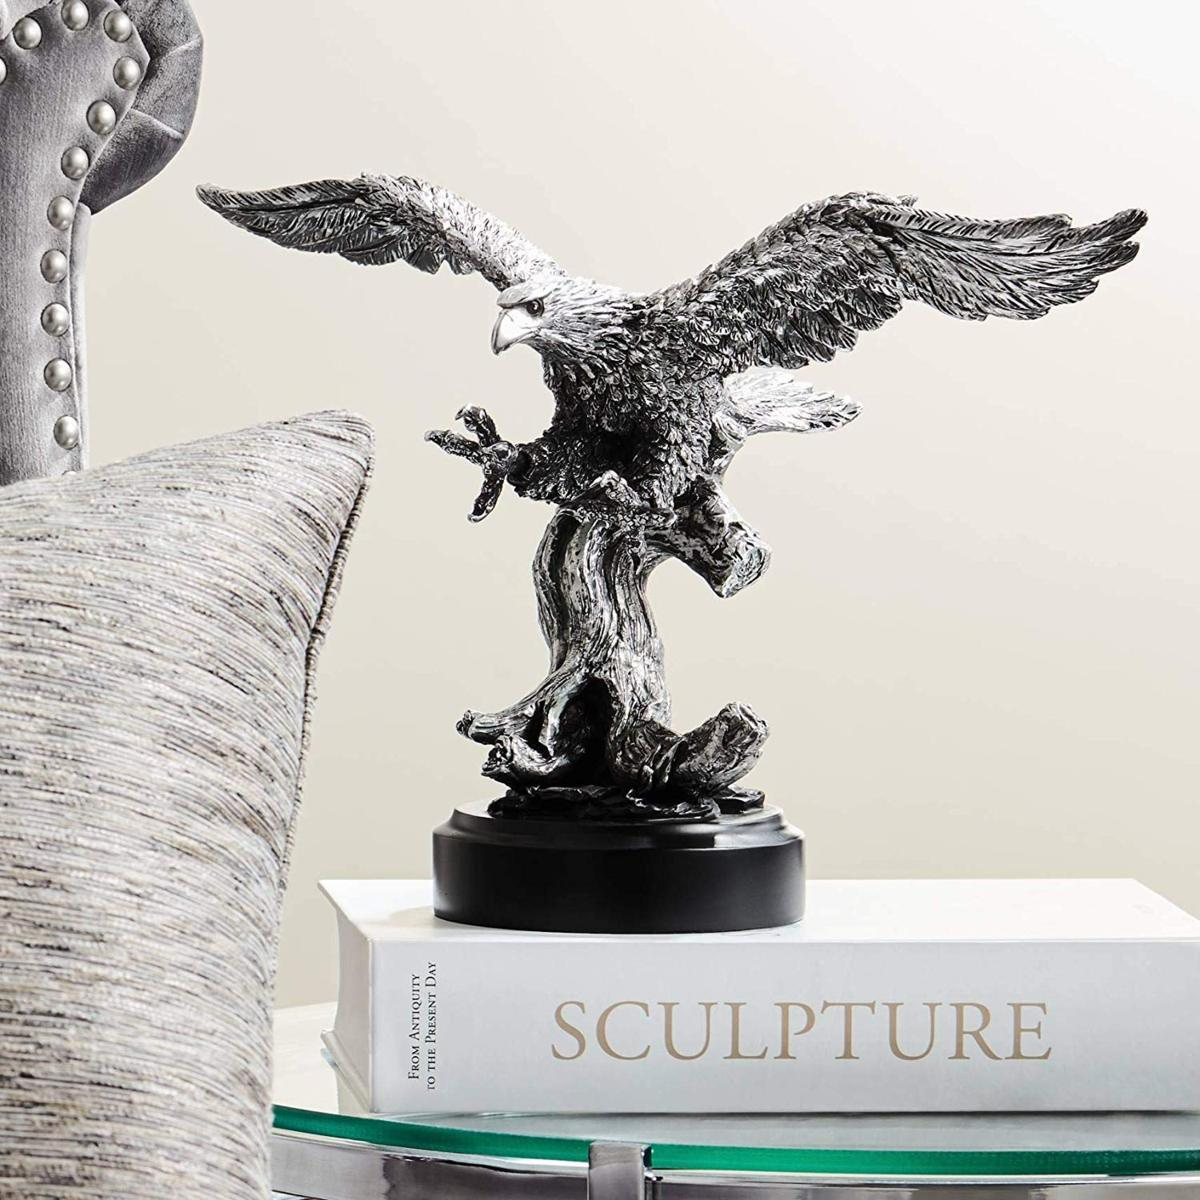 ケンジントンヒル製 素晴らしい、ピューター風 羽を広げた鷲(イーグル) 彫像 彫刻(輸入品)